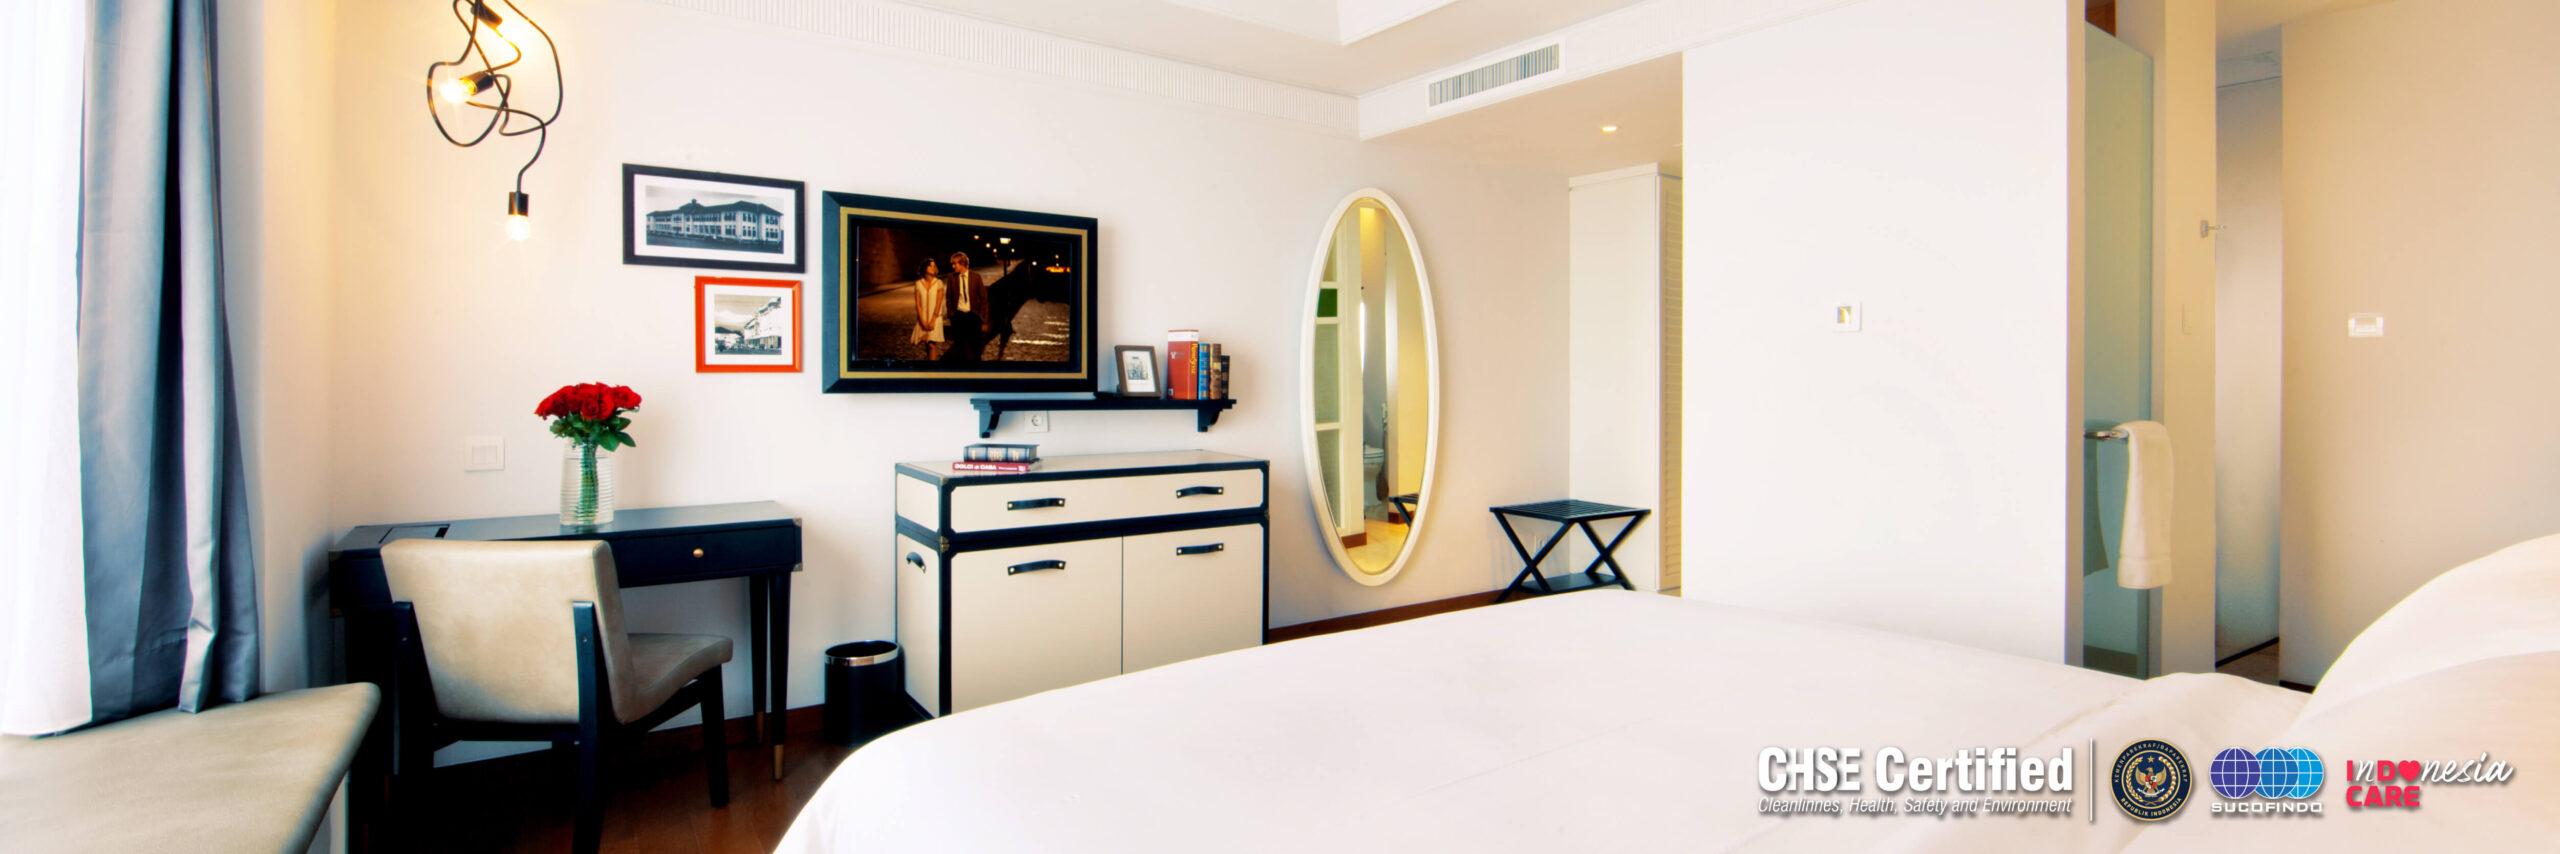 deluxe-room-room